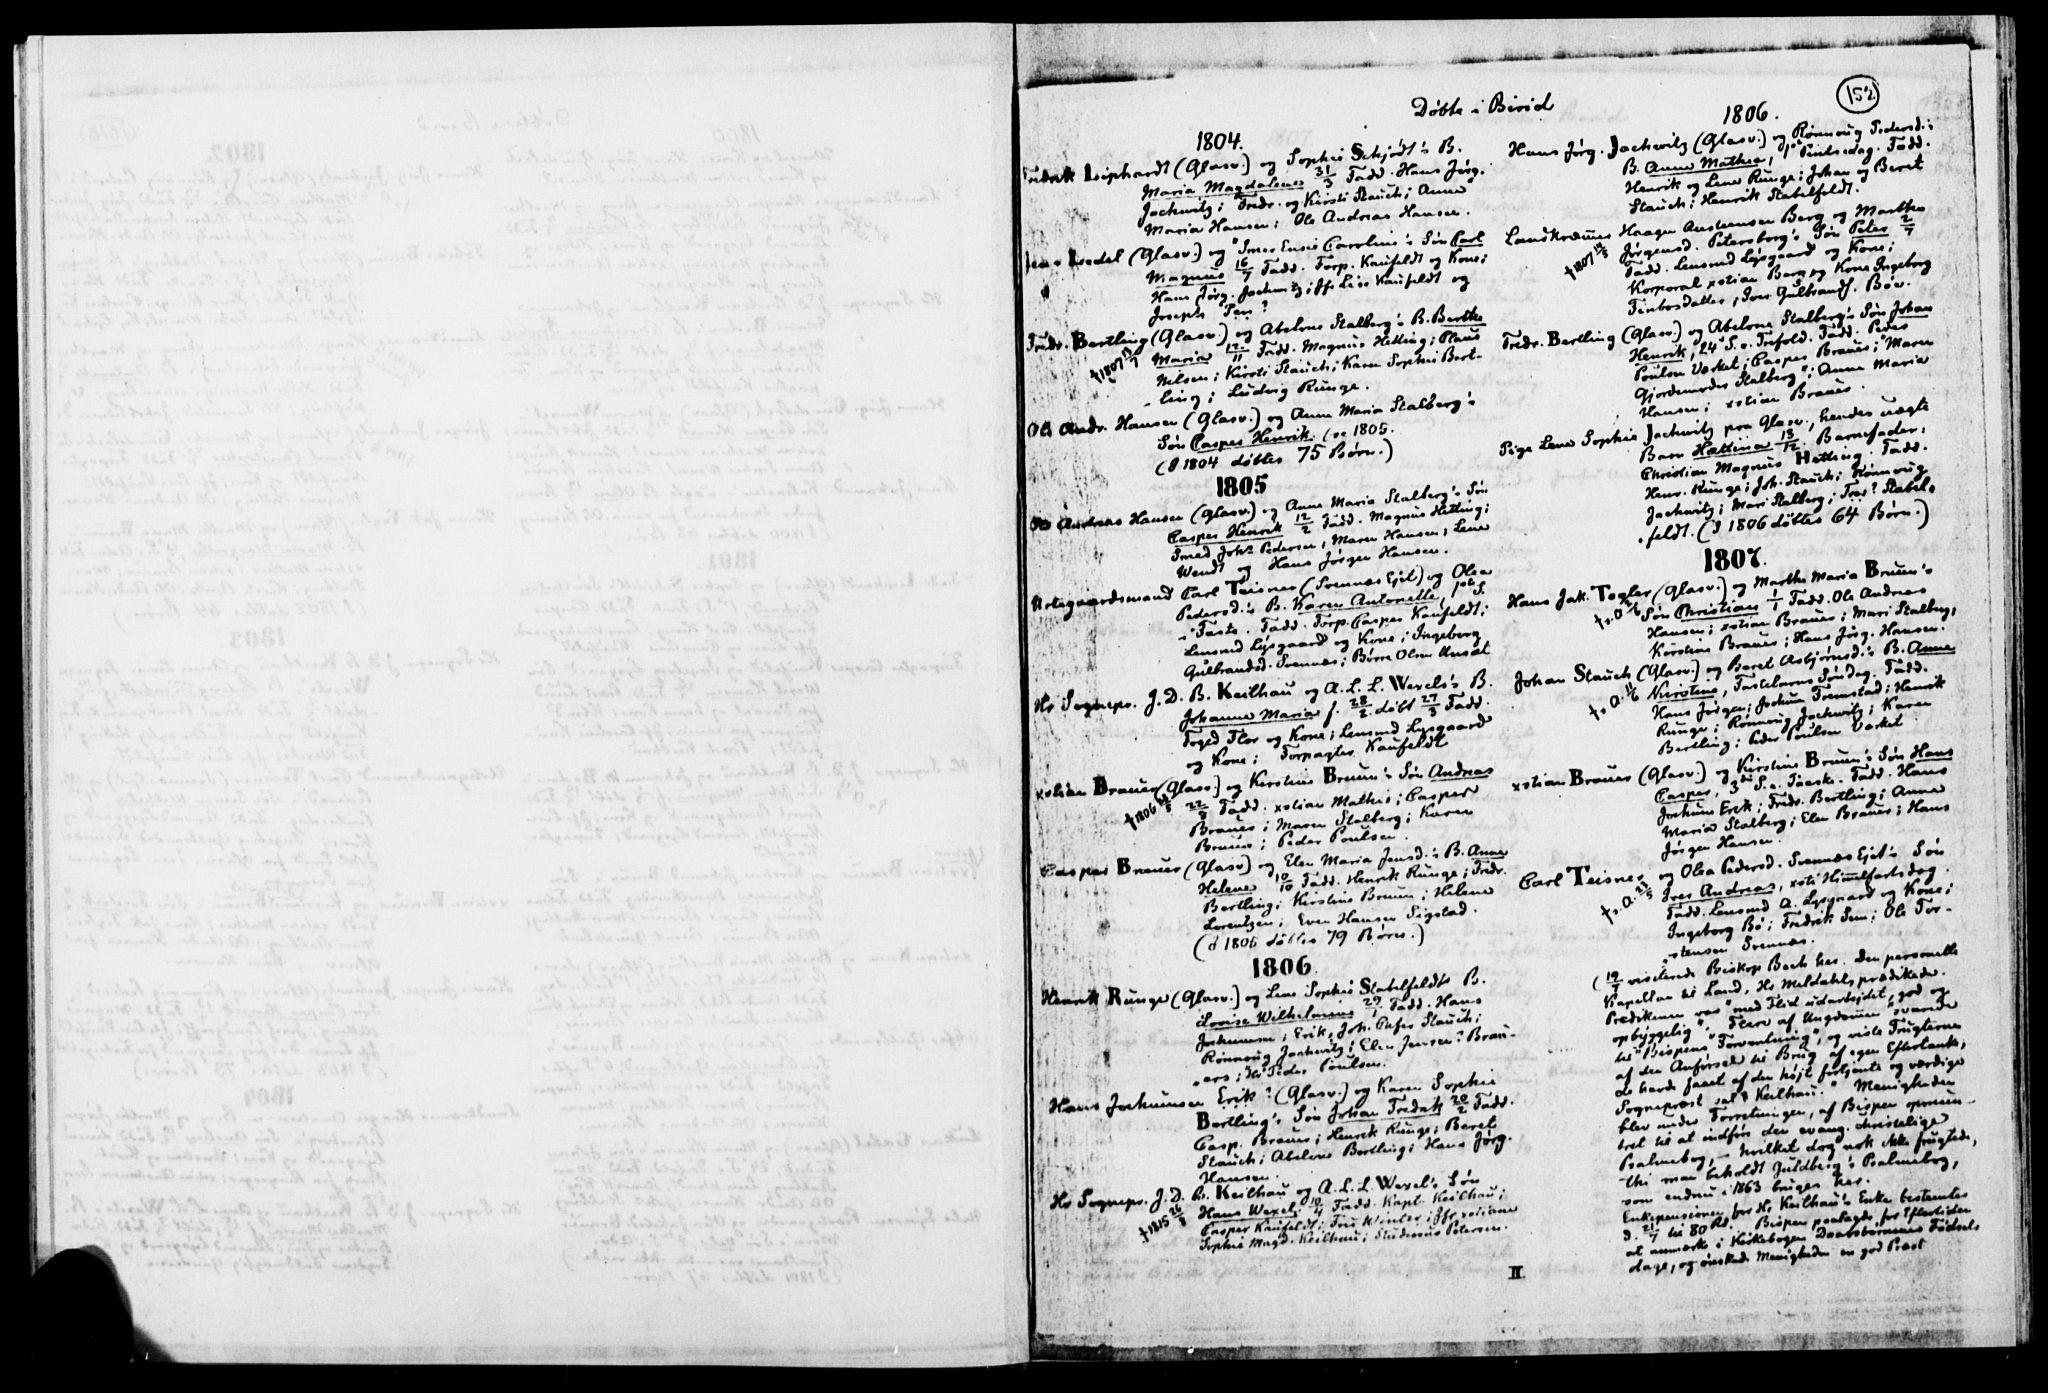 SAH, Biri prestekontor, Ministerialbok, 1730-1879, s. 152